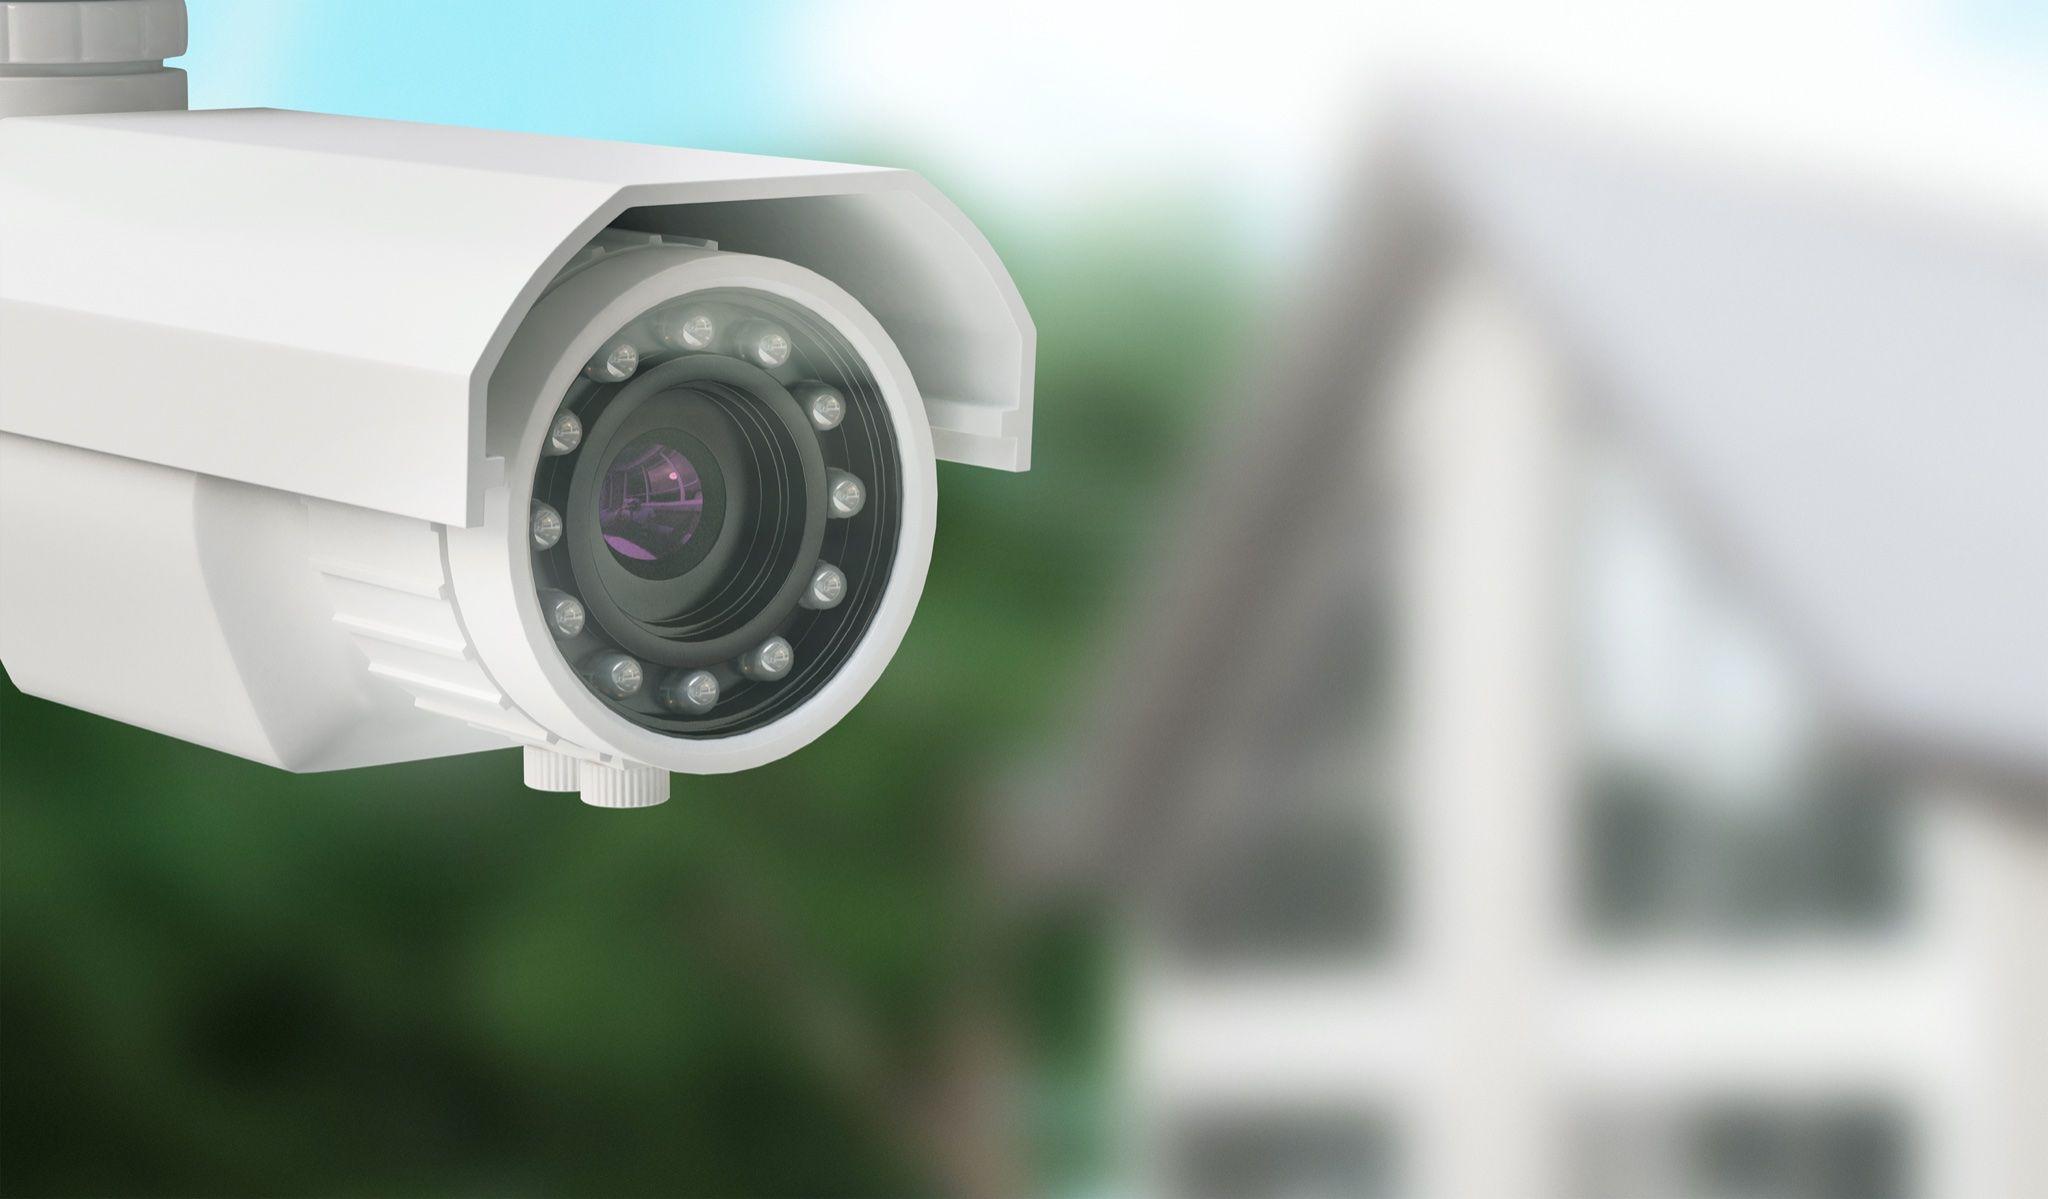 telecamera di videosorveglianza per la casa di vigilanza hermes